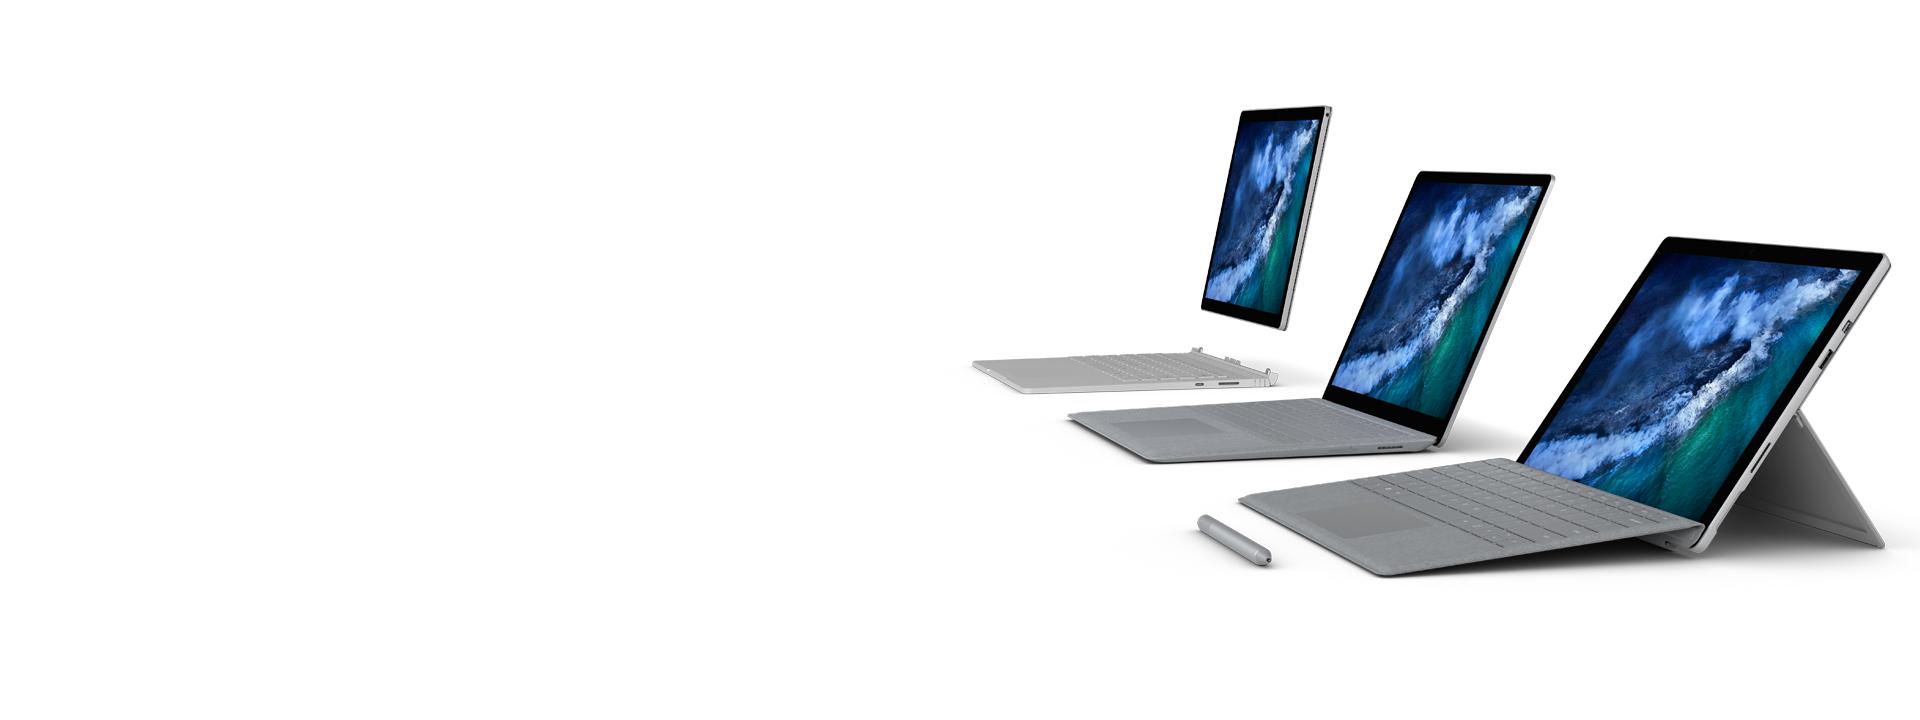 Rodzina urządzeń Surface – Surface Pro, Surface Laptop i Surface Book 2